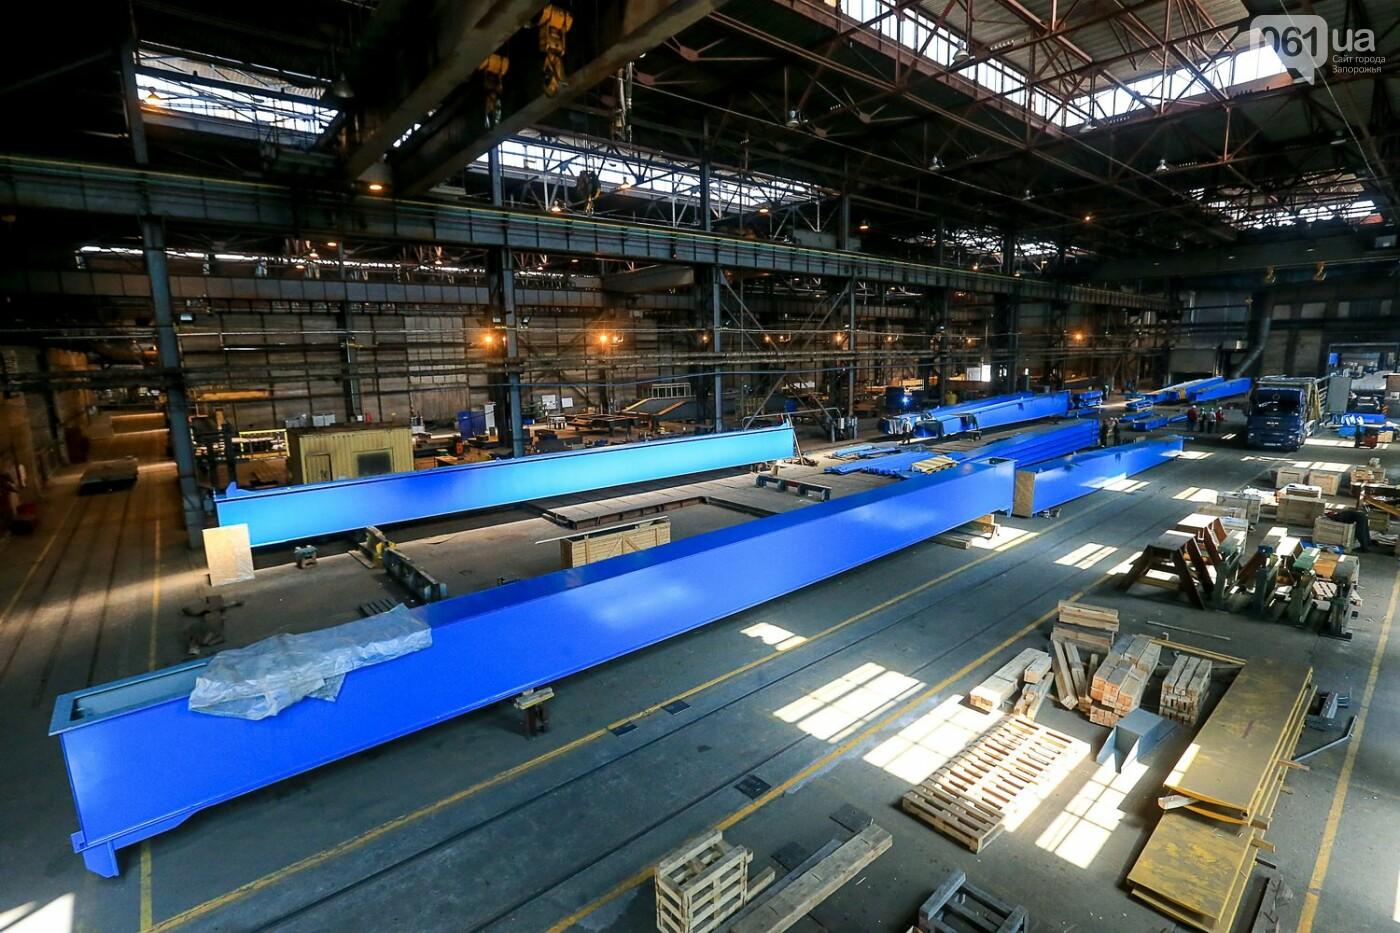 Как в Запорожье работает крупнейший в Европе завод по производству кранов: экскурсия на производство, — ФОТОРЕПОРТАЖ, фото-29